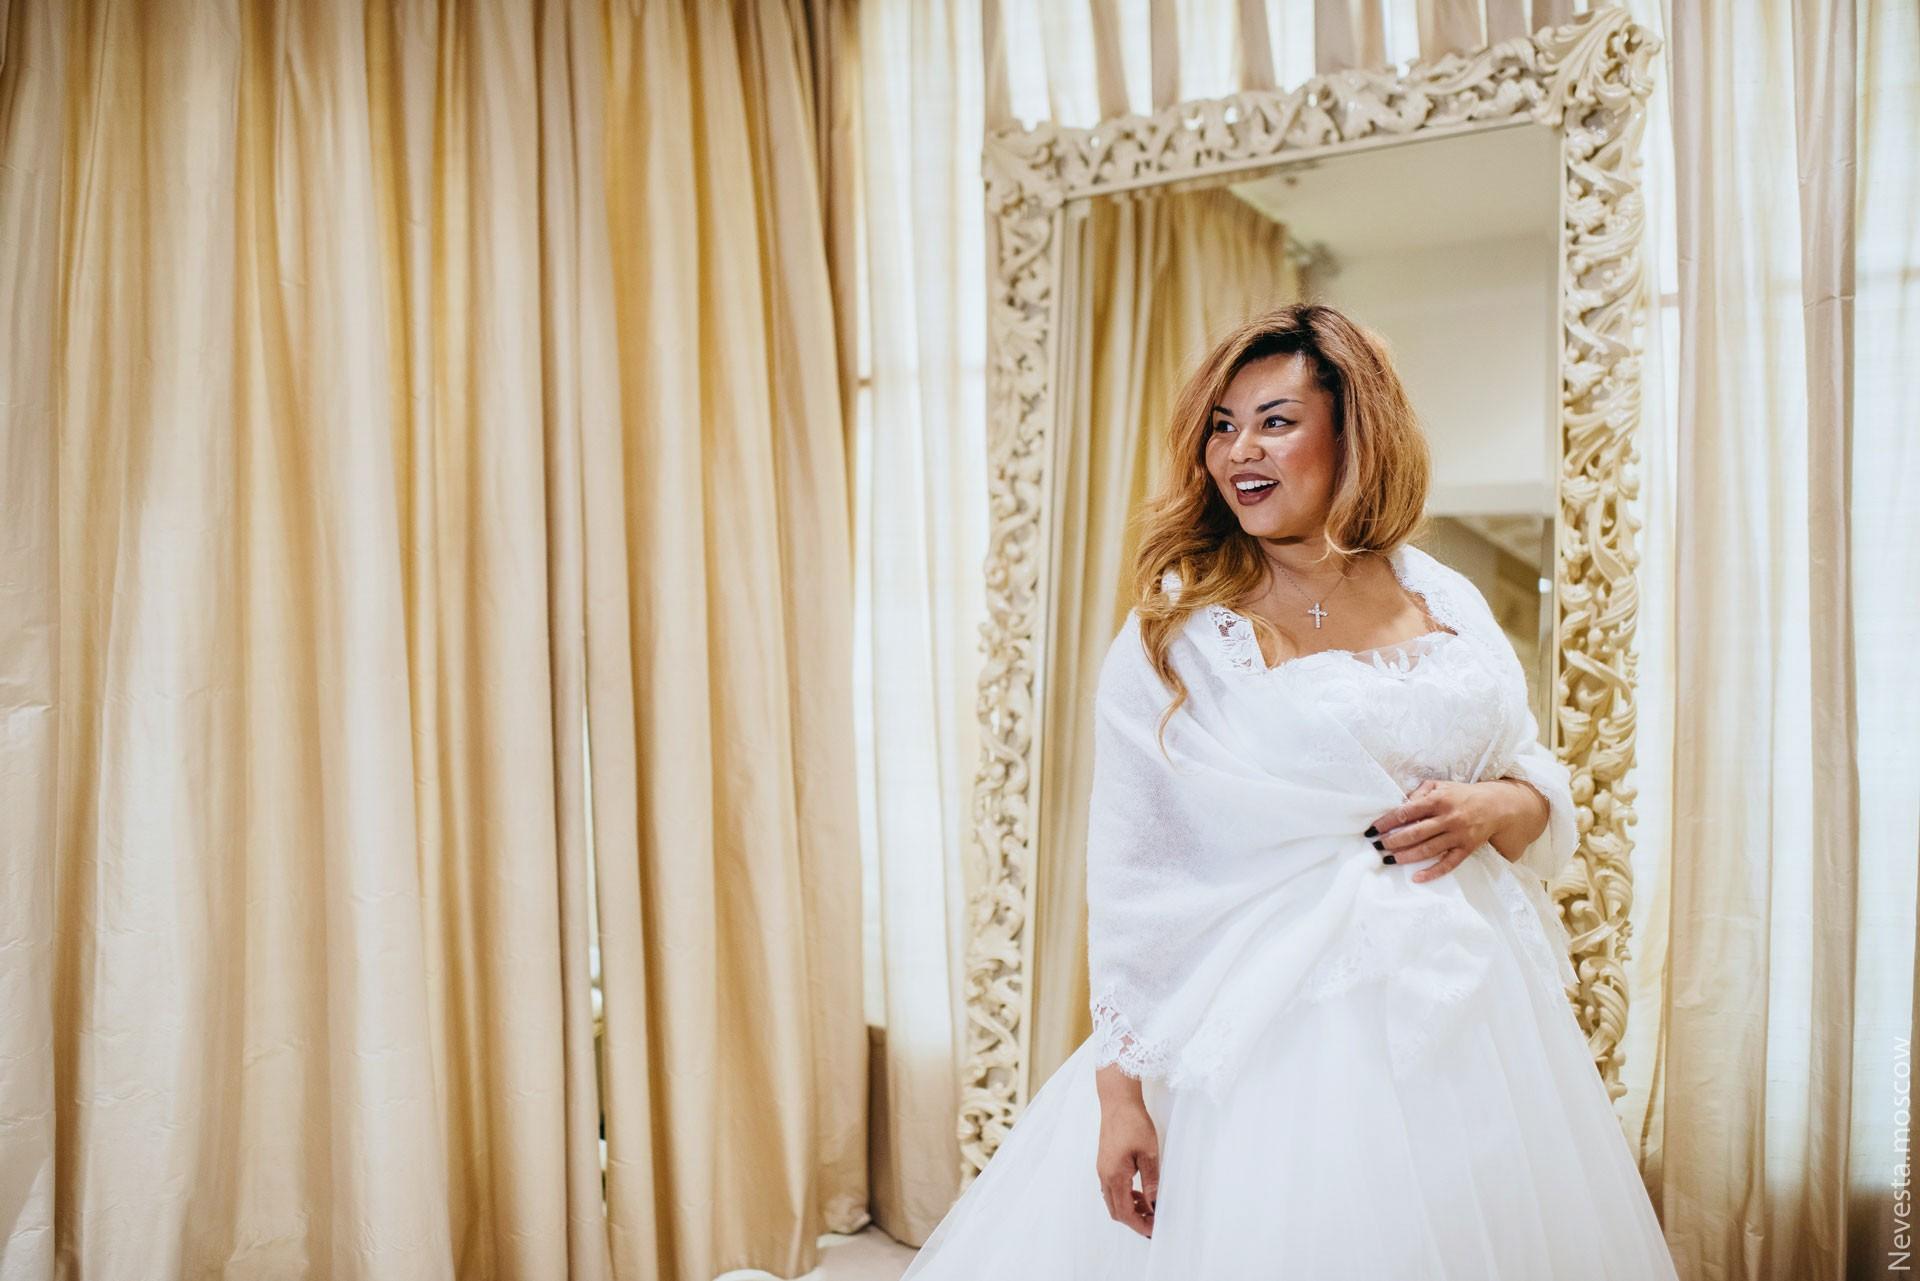 корнелия манго фото свадьбы аренду помещения